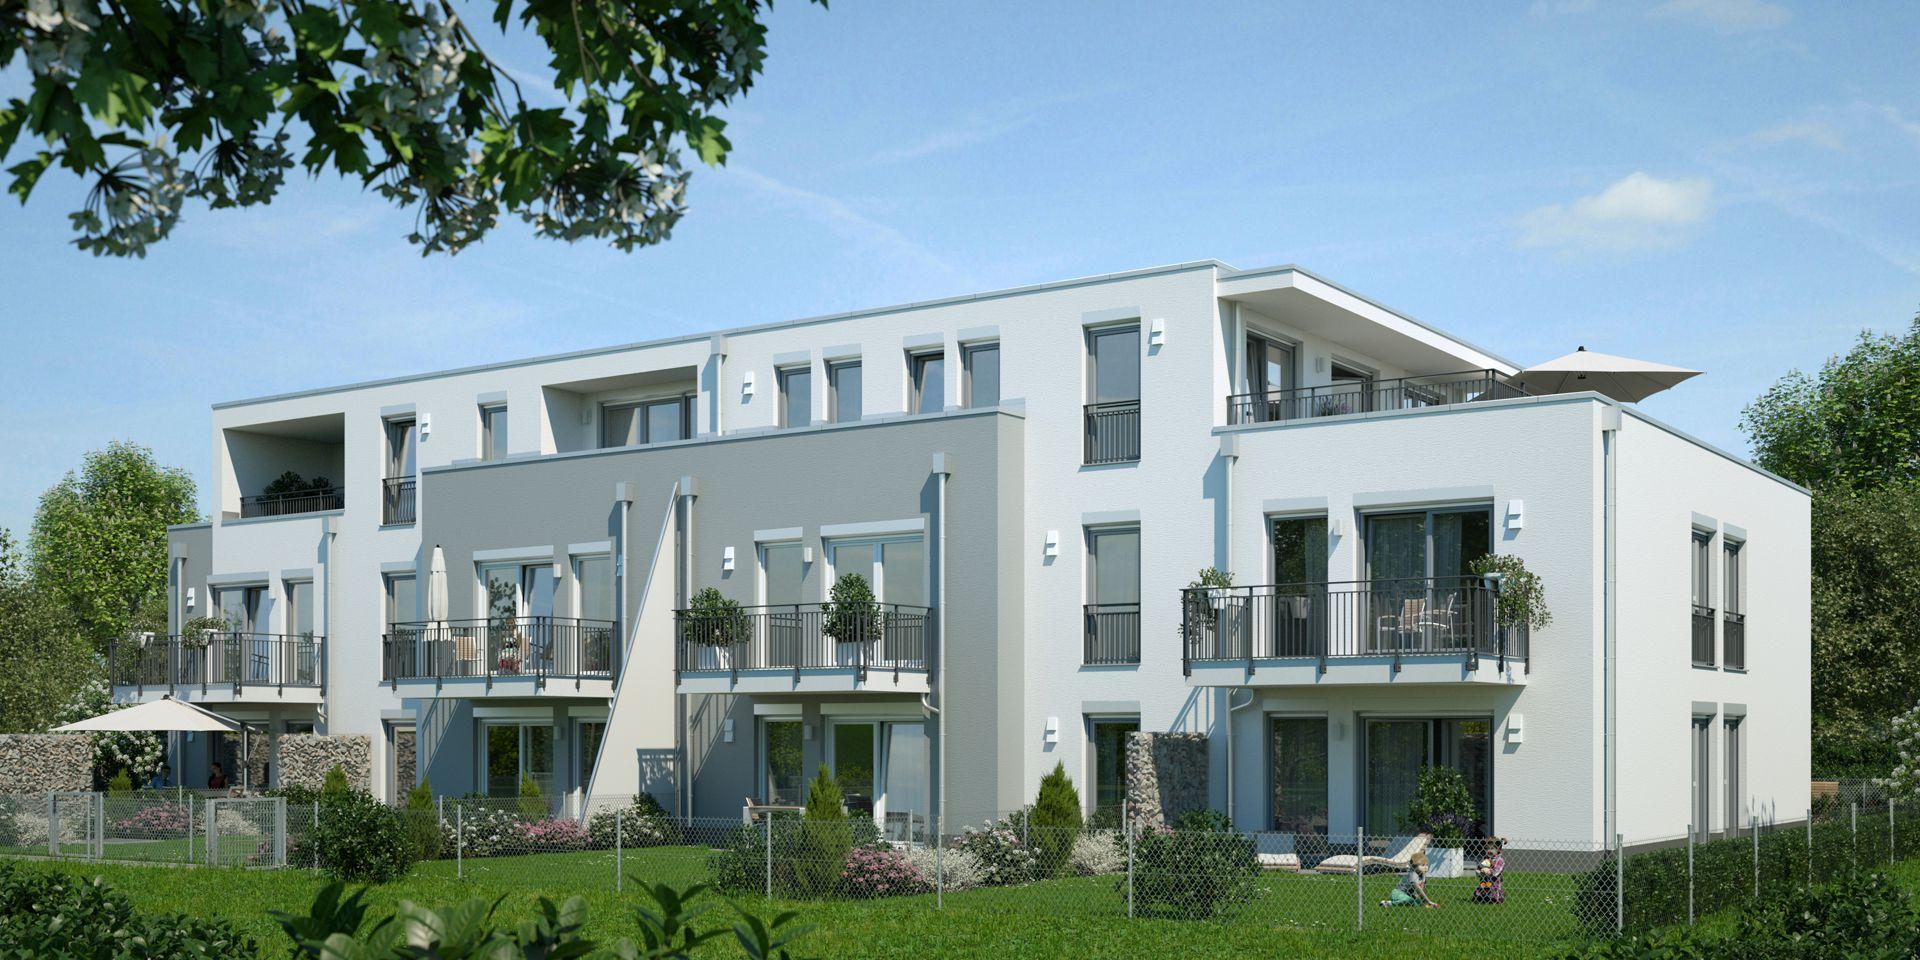 Visualisierung Mehrfamilienhaus München Gartenansicht